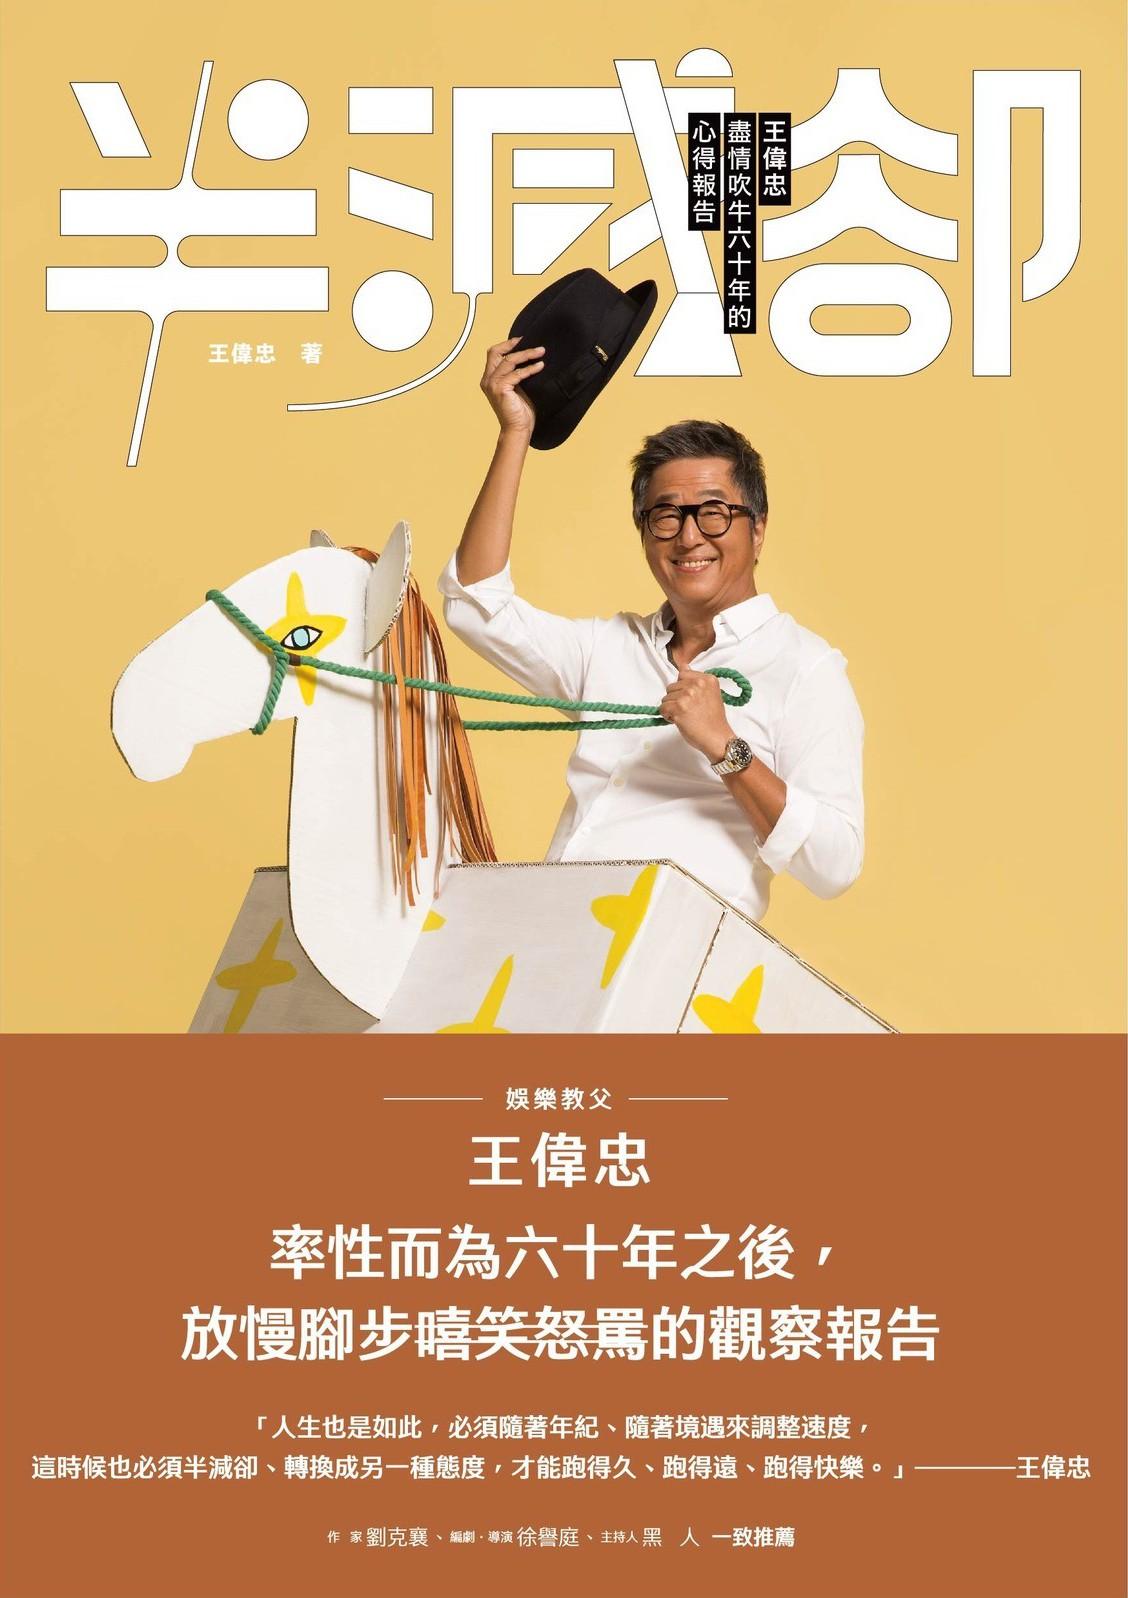 王偉忠近期推出新書《半減卻:王偉忠盡情吹牛六十年的心得報告》。圖/時報出版提供